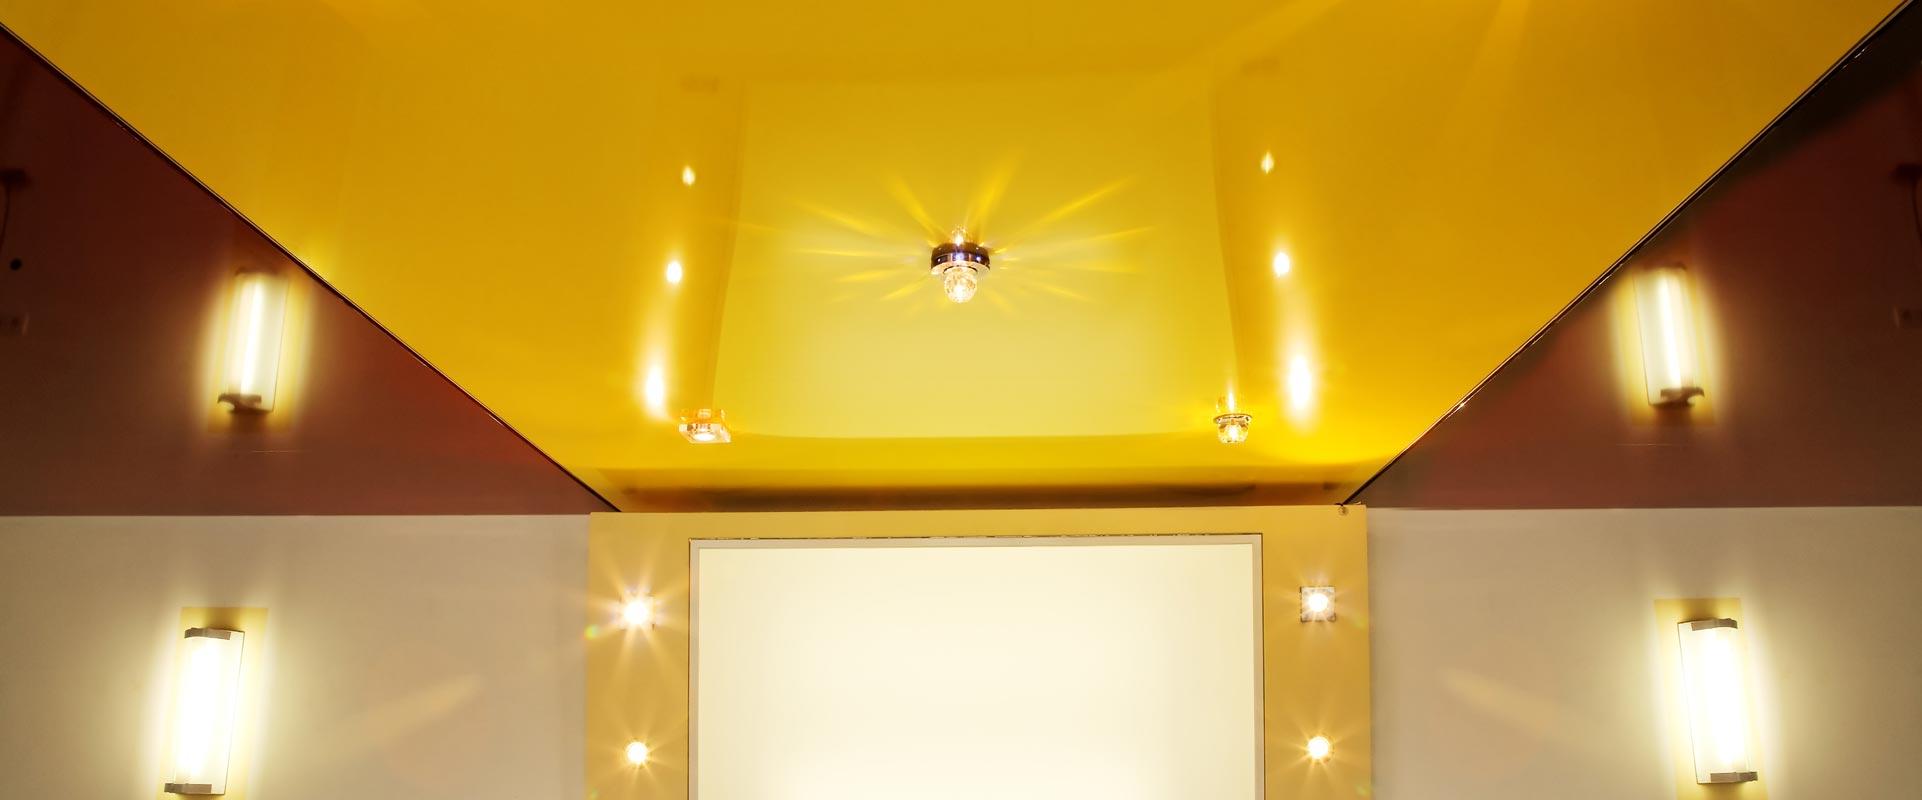 Plafond tendu : rénovation et décoration